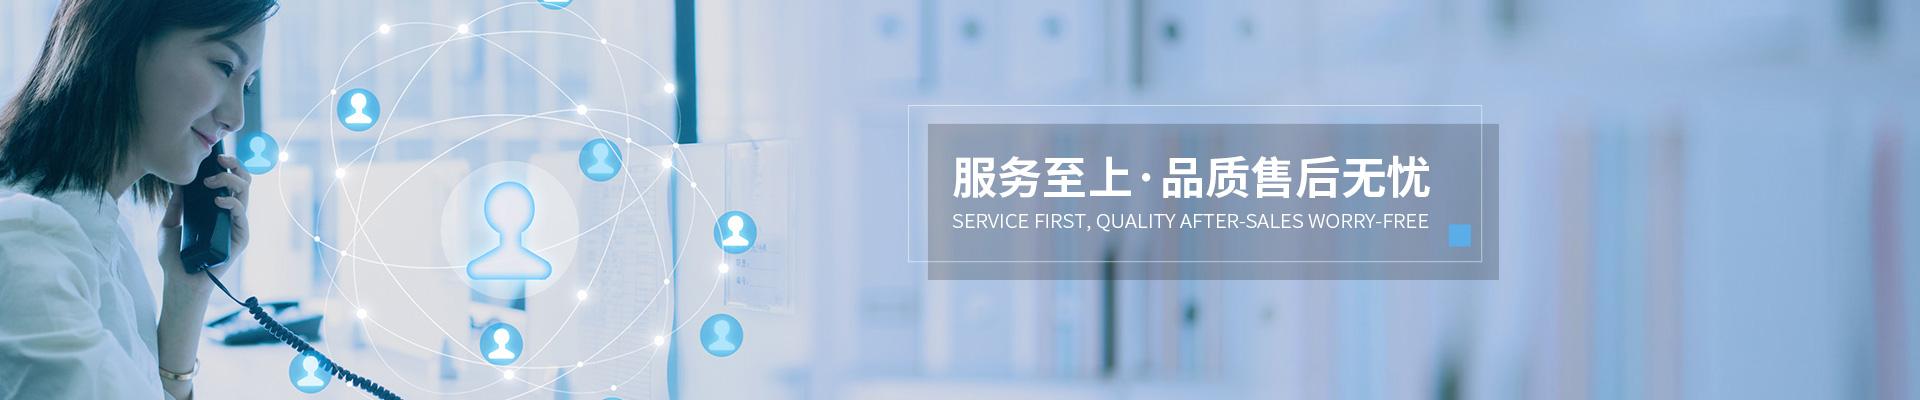 奉贤区网络电子科技售价,电子科技